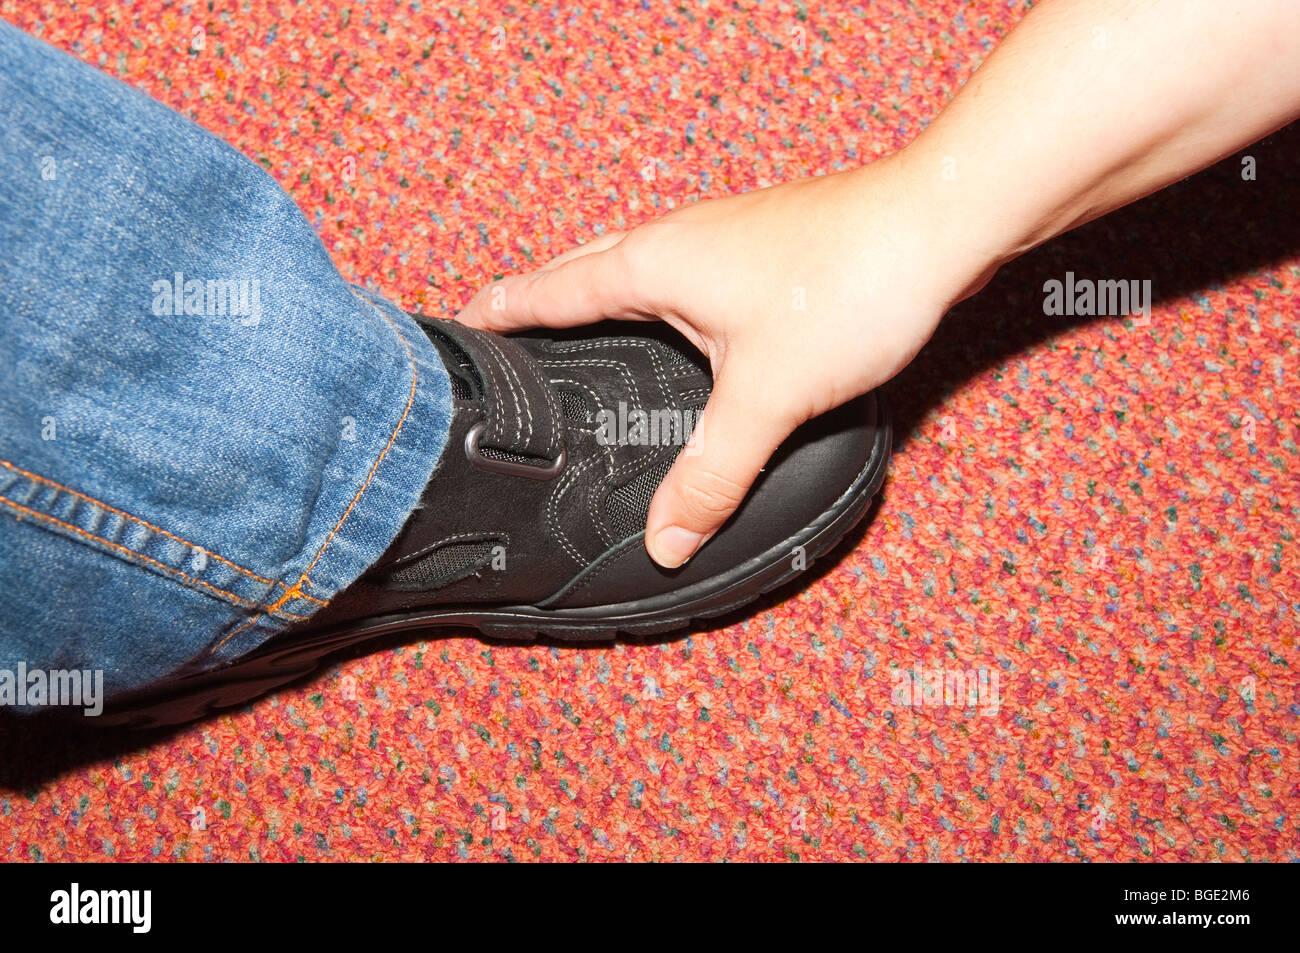 A shop assistant measures a childs feet